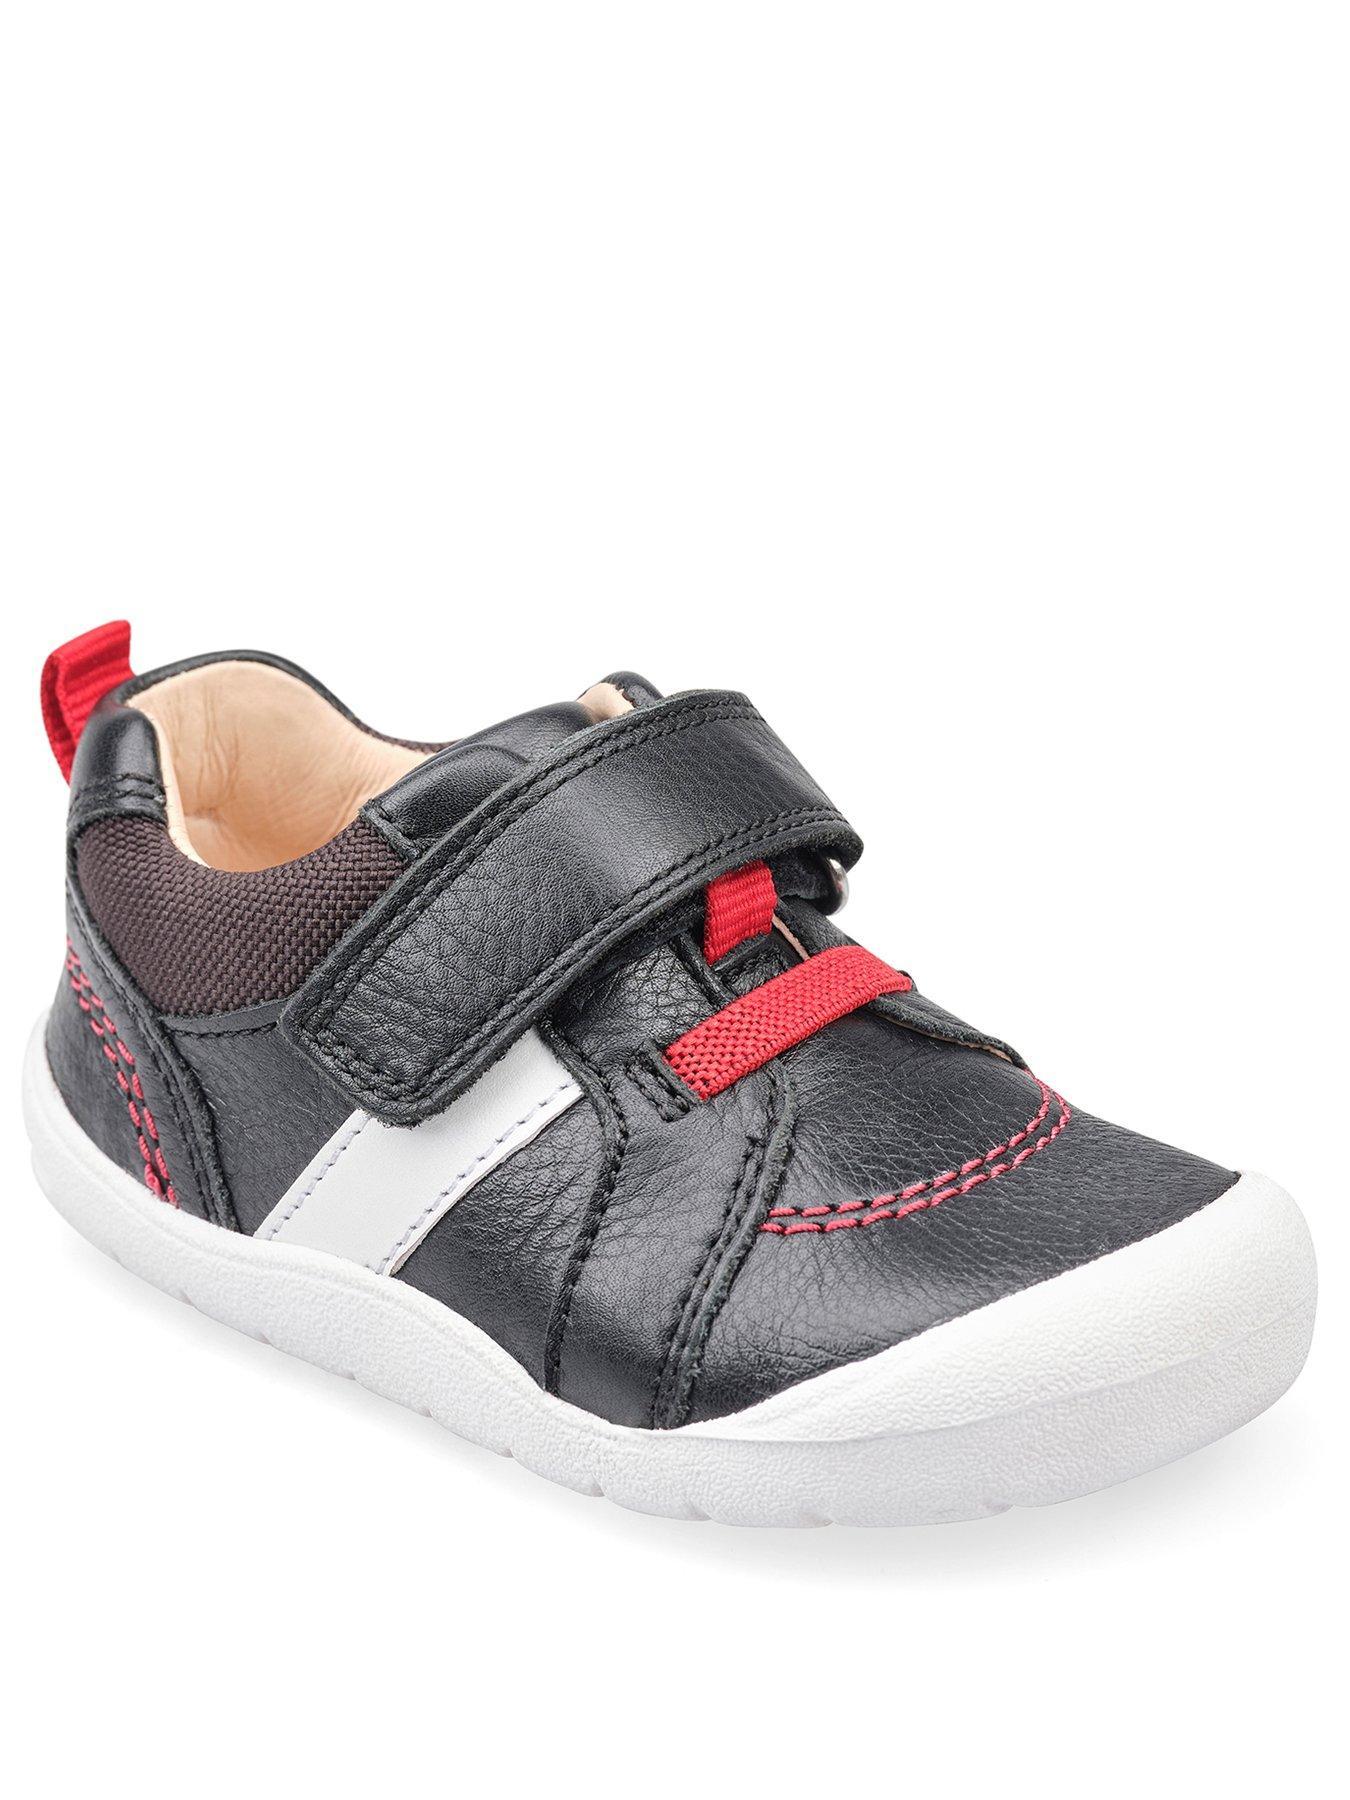 Boy | Shoes | Shoes \u0026 boots | Child